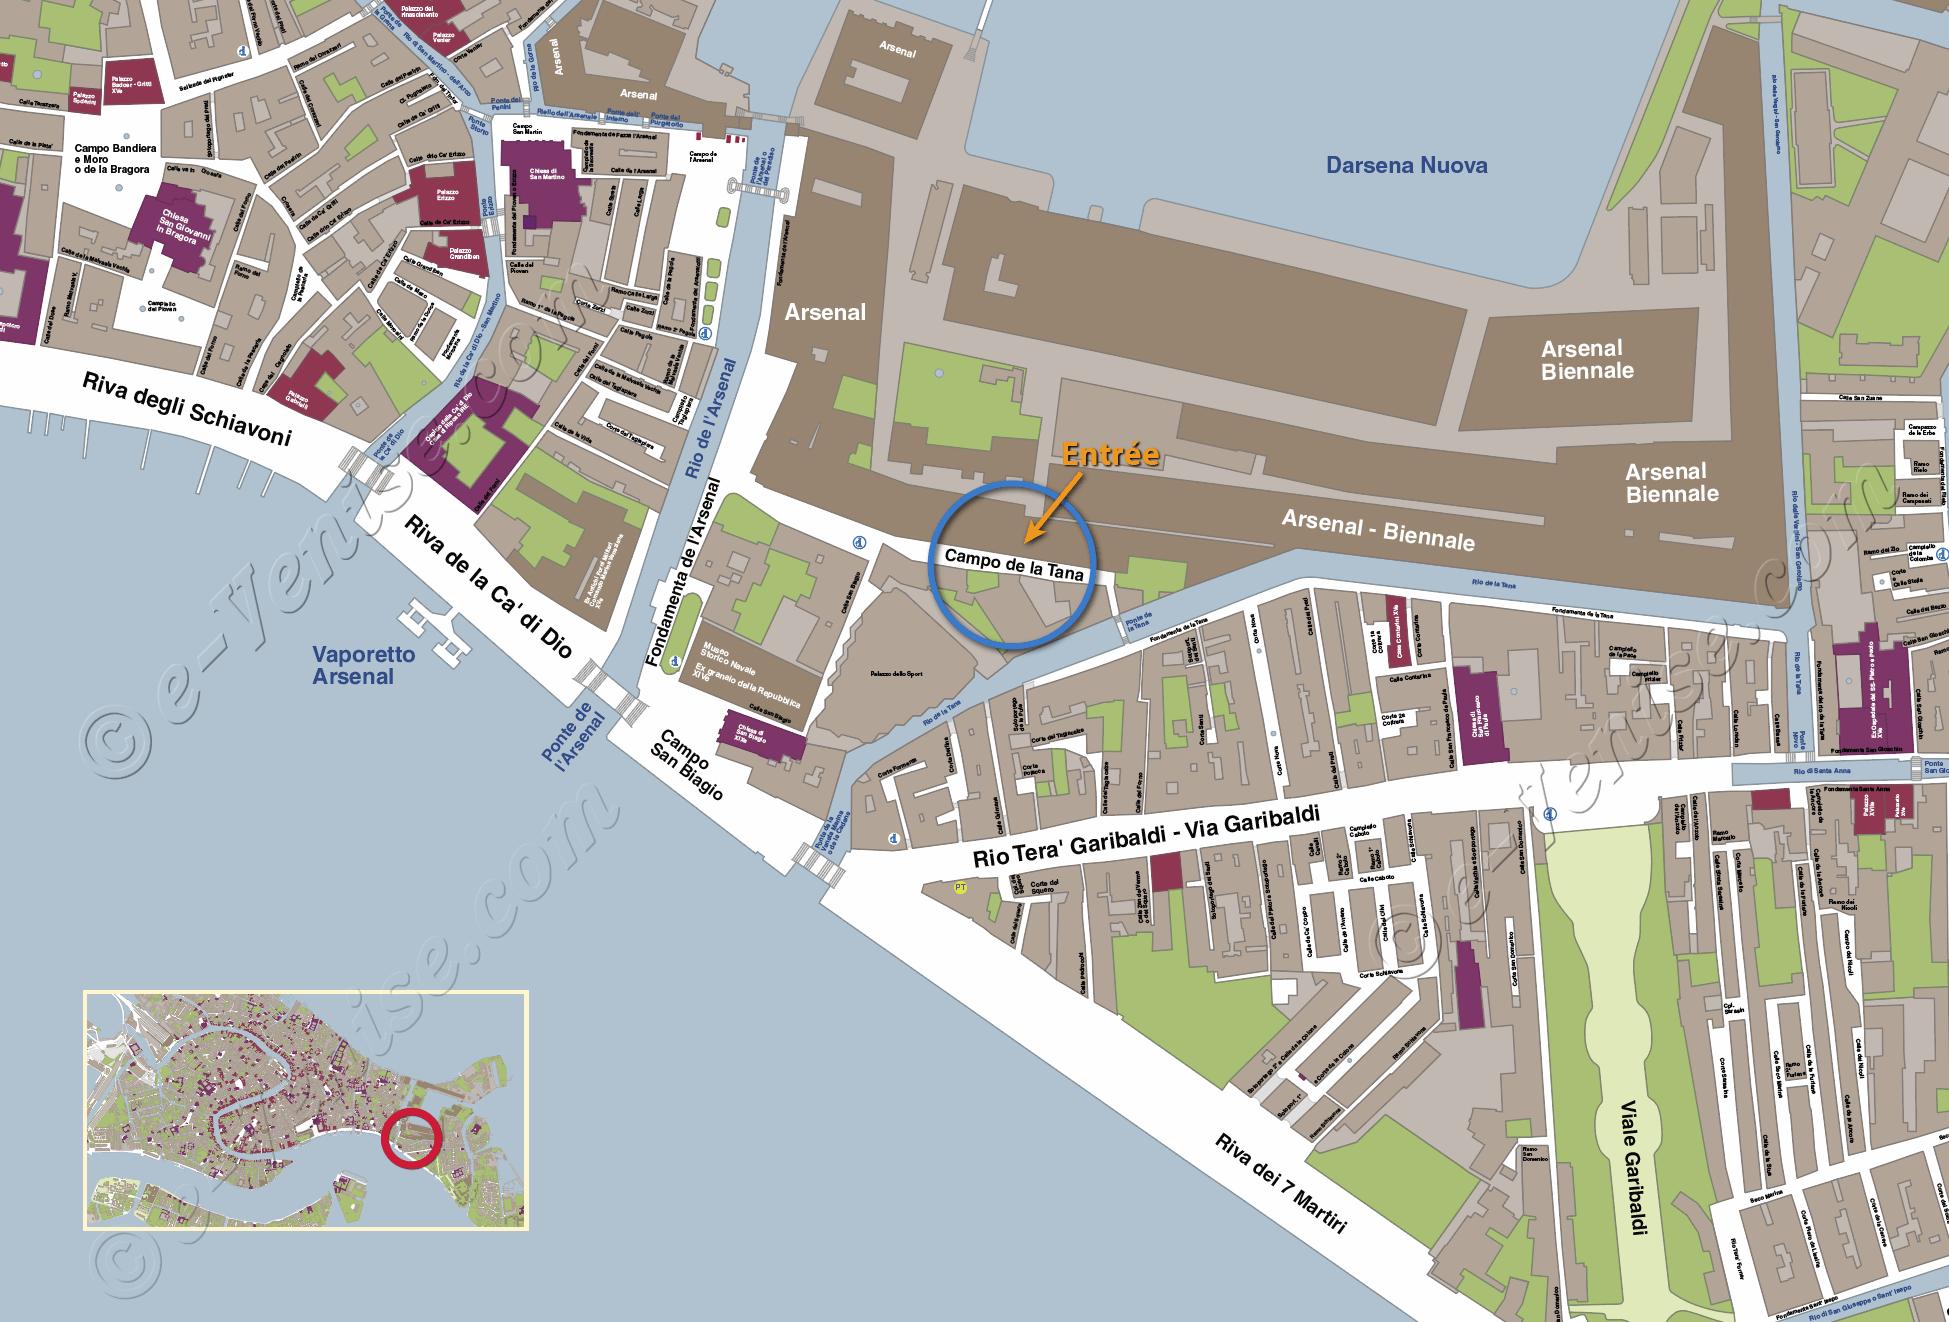 Carte Venise.Plan Acces Adresse Biennale Art Venise 2019 Italie